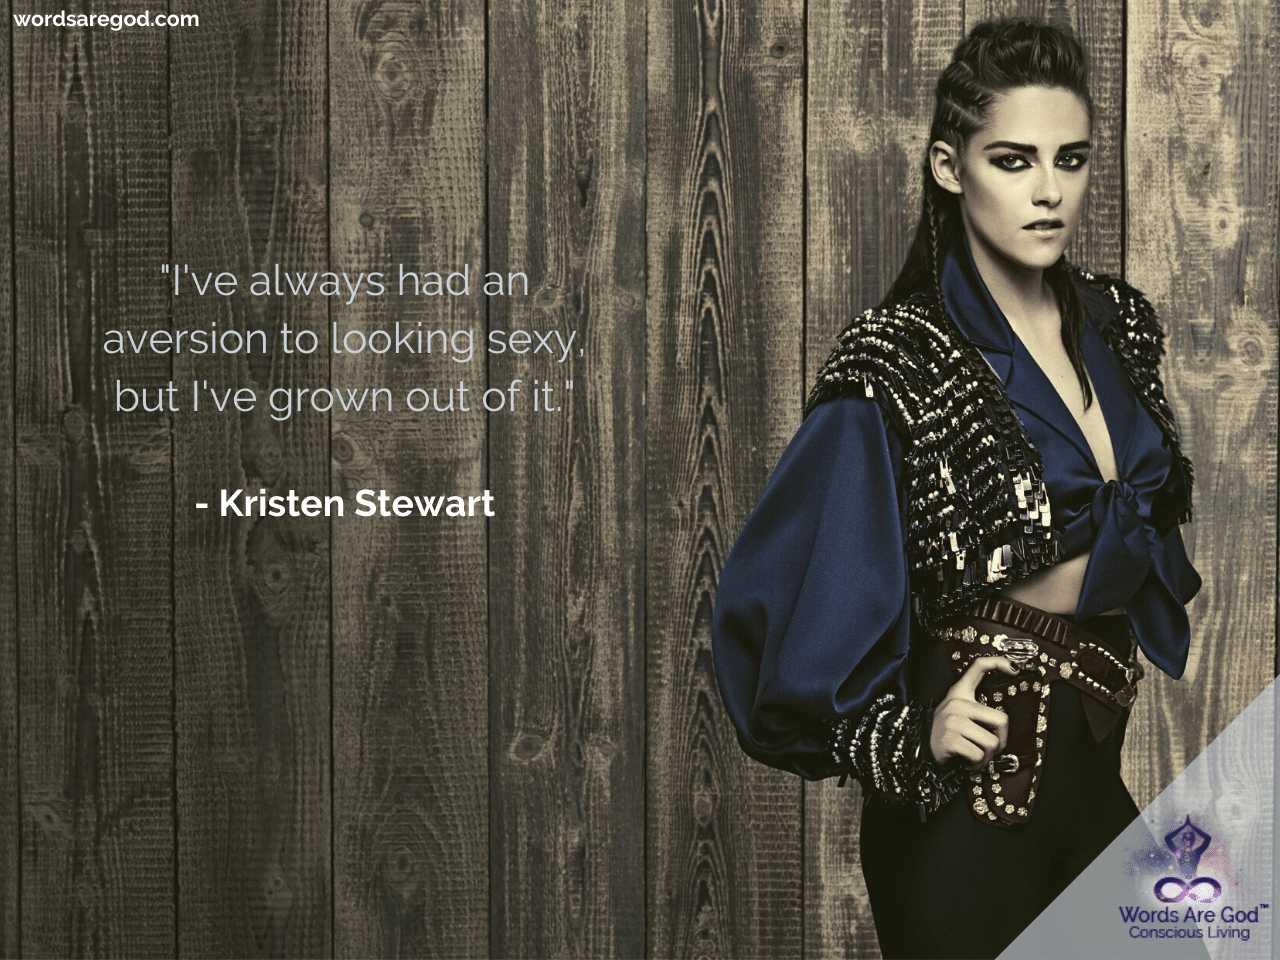 Kristen Stewart Inspirational Quotes